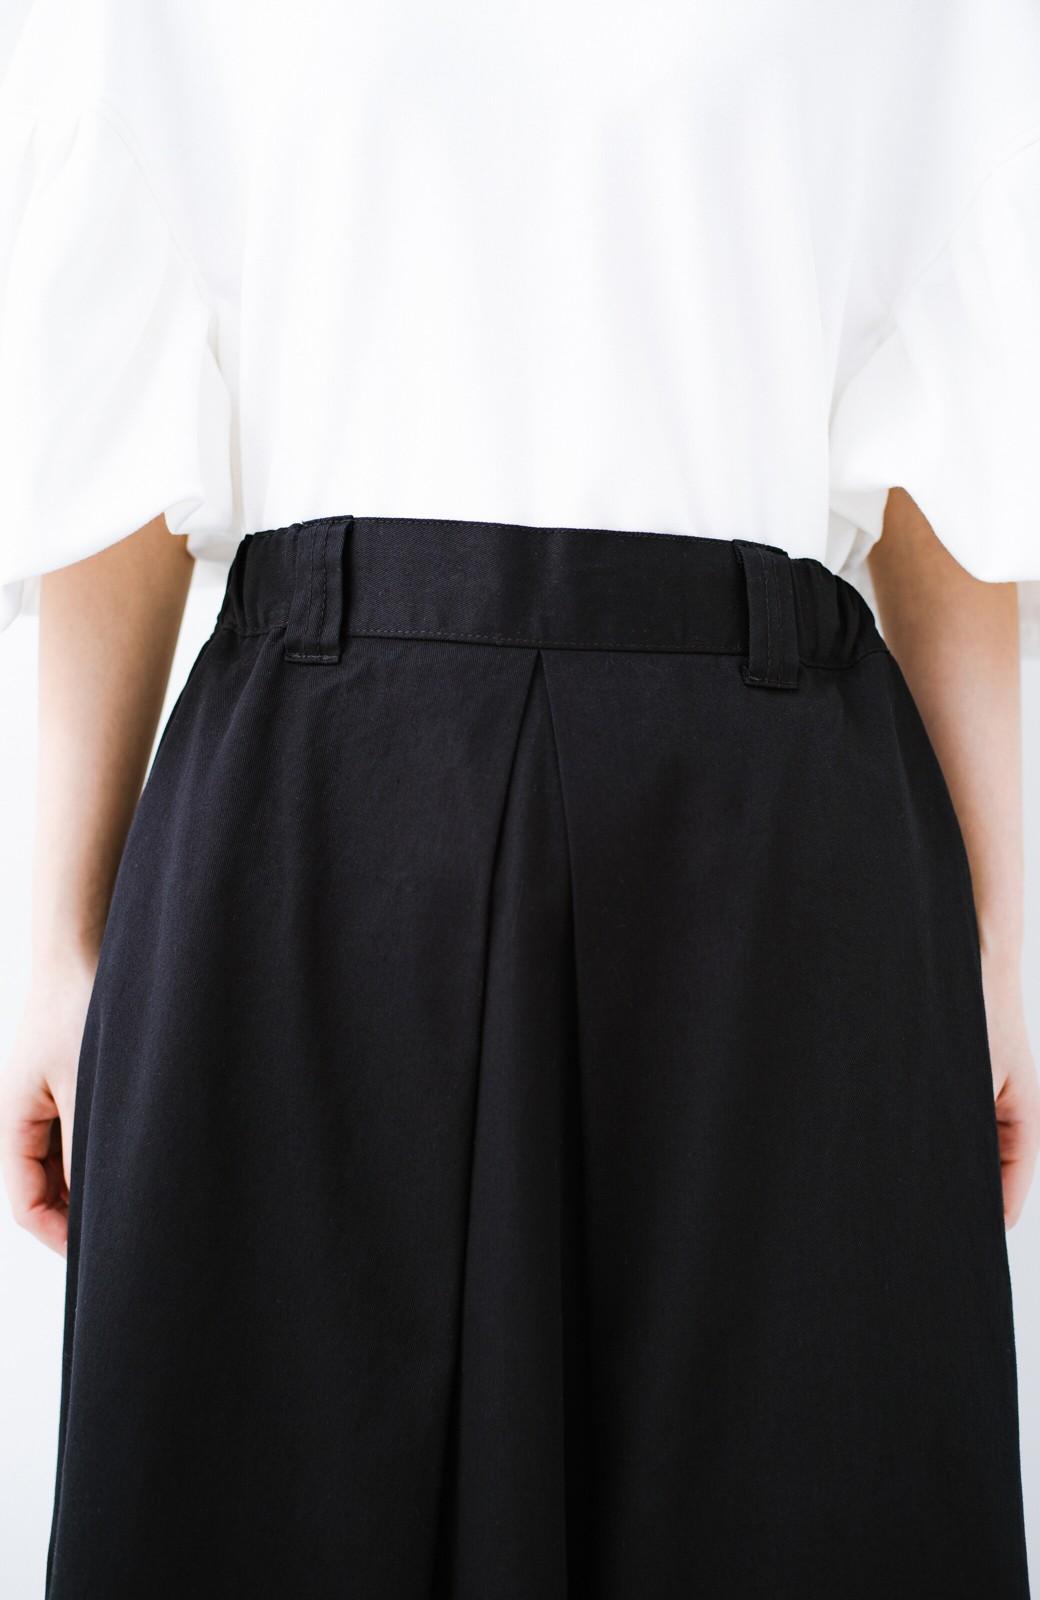 haco! ロングシーズン楽しめる タックボリュームのチノロングスカート <ブラック>の商品写真8